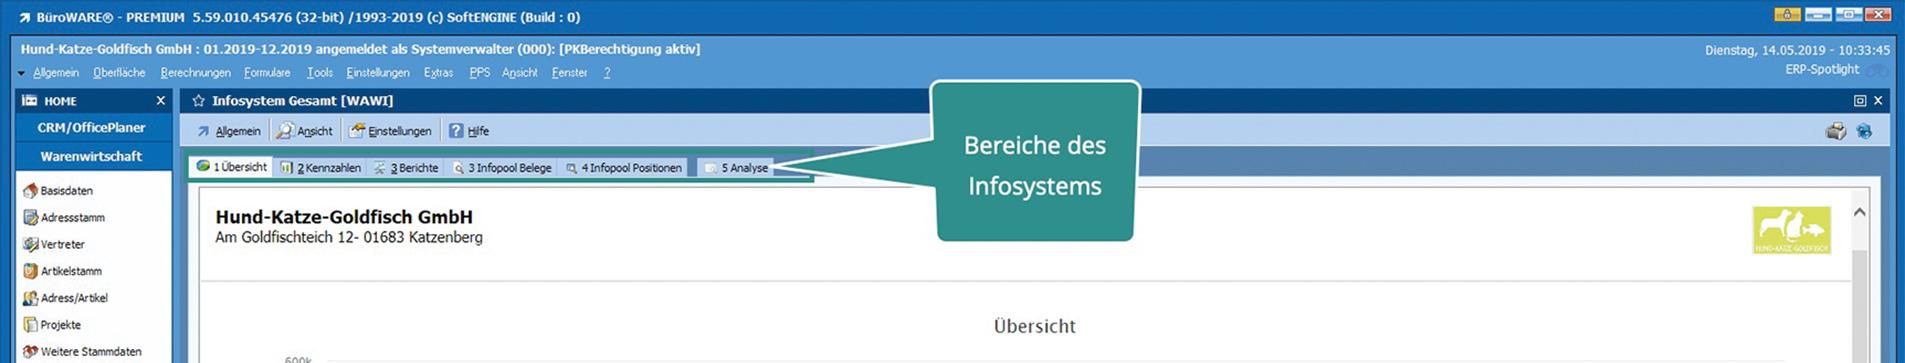 MIS - Infosystem innerhalb BüroWARE WEBWARE - für Ihre Verwaltung von Kundendaten - CRM Software